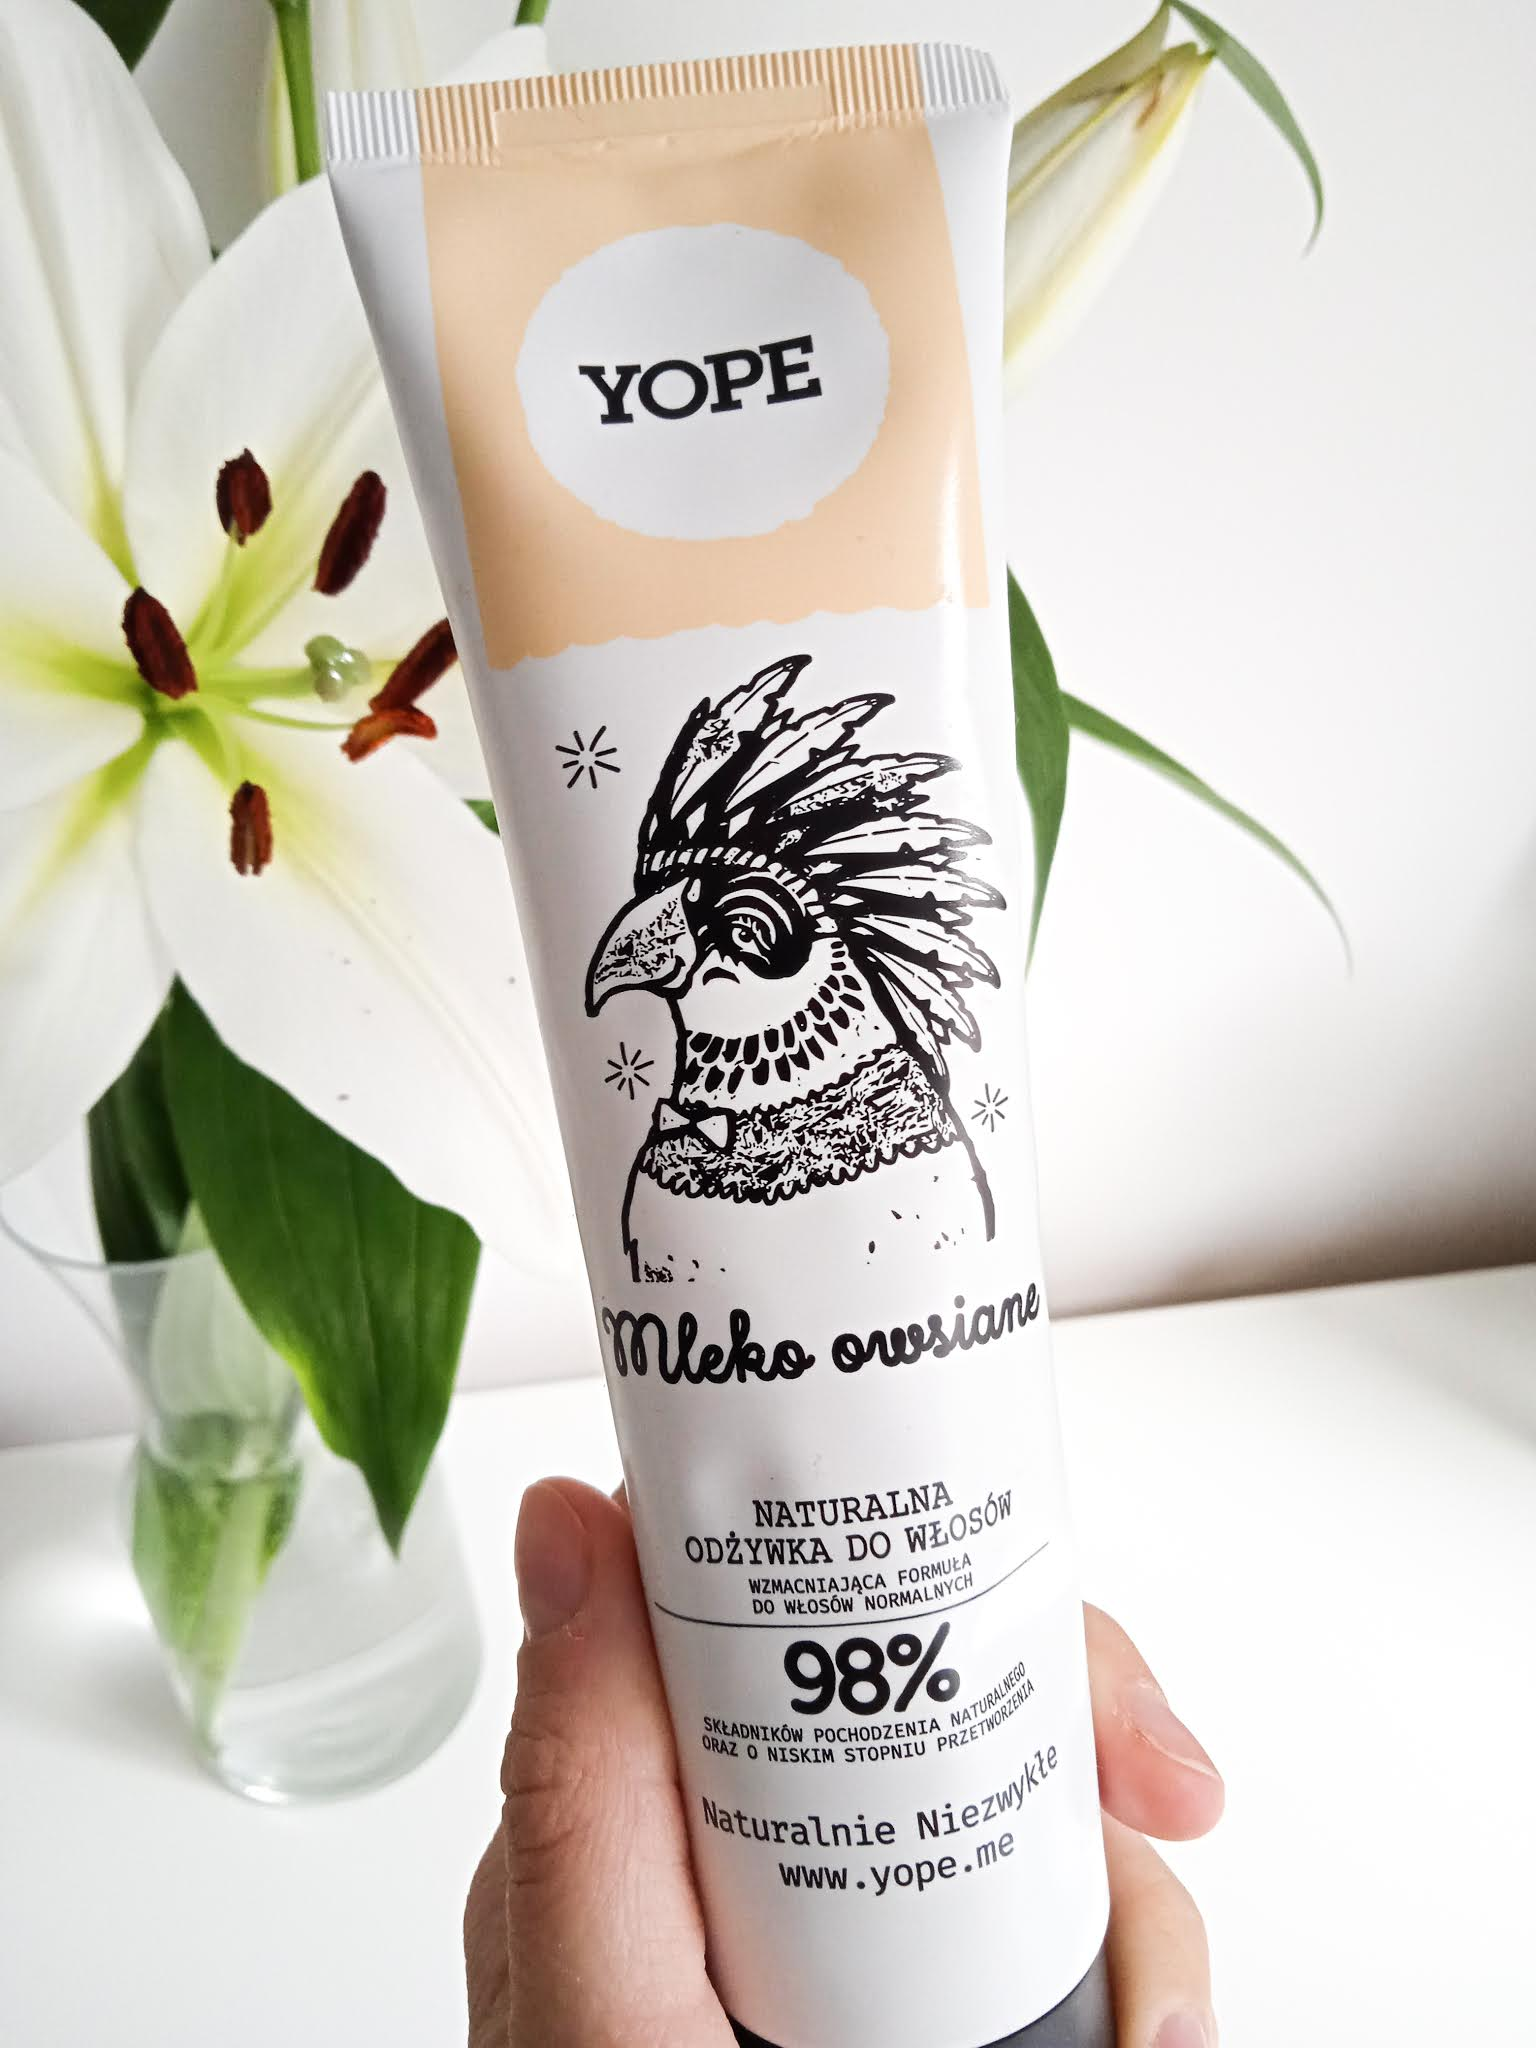 odżywka do włosów mleko owsiane yope